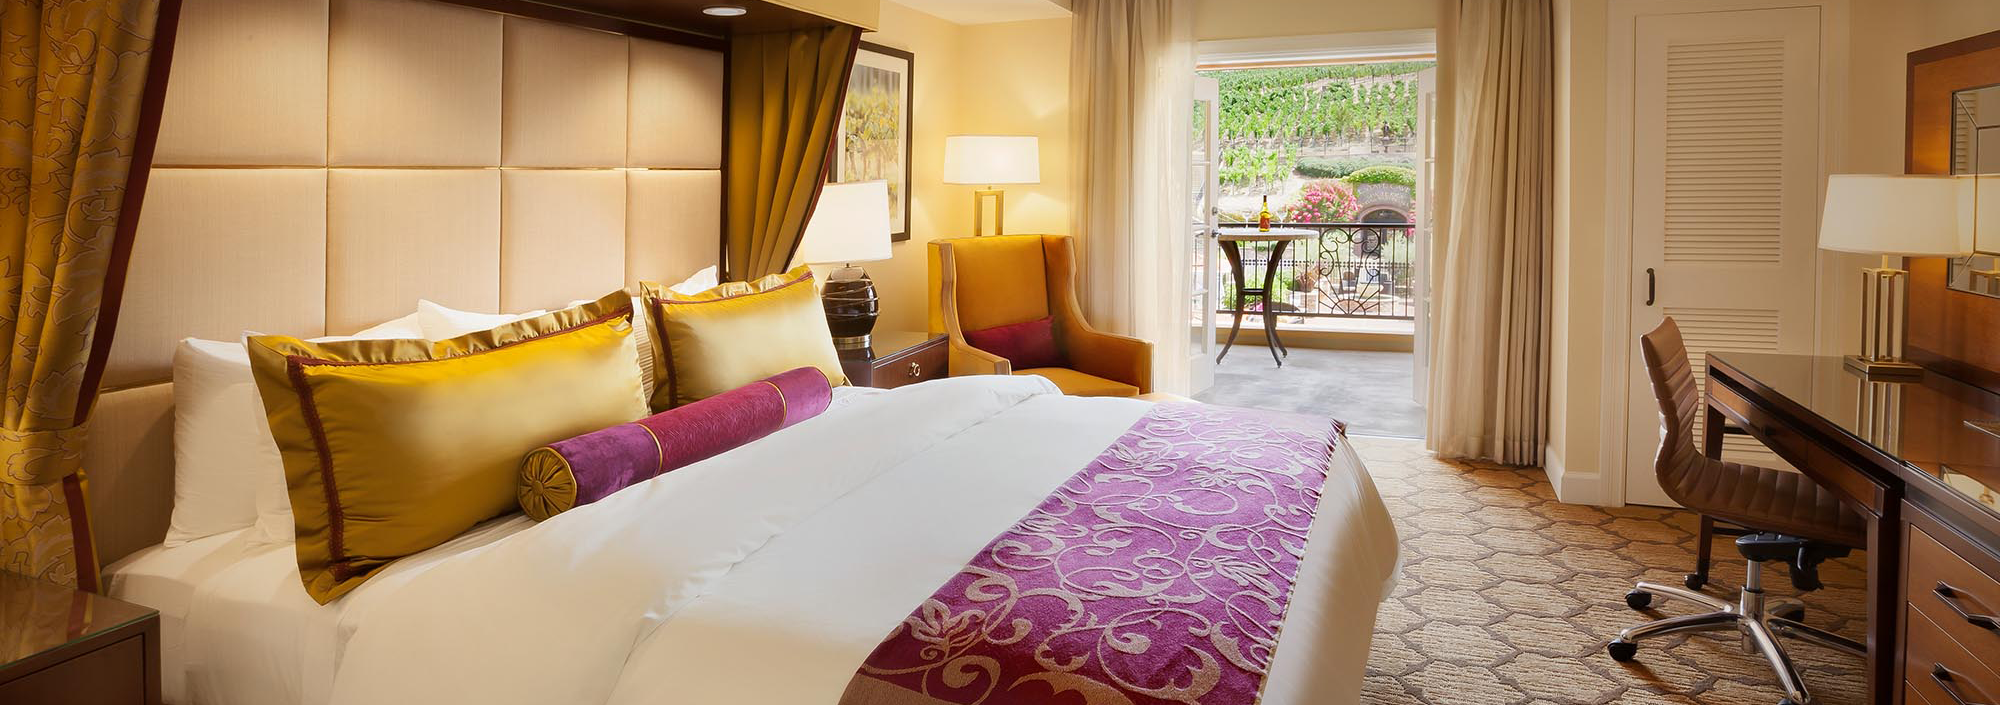 Meritage Resort Room